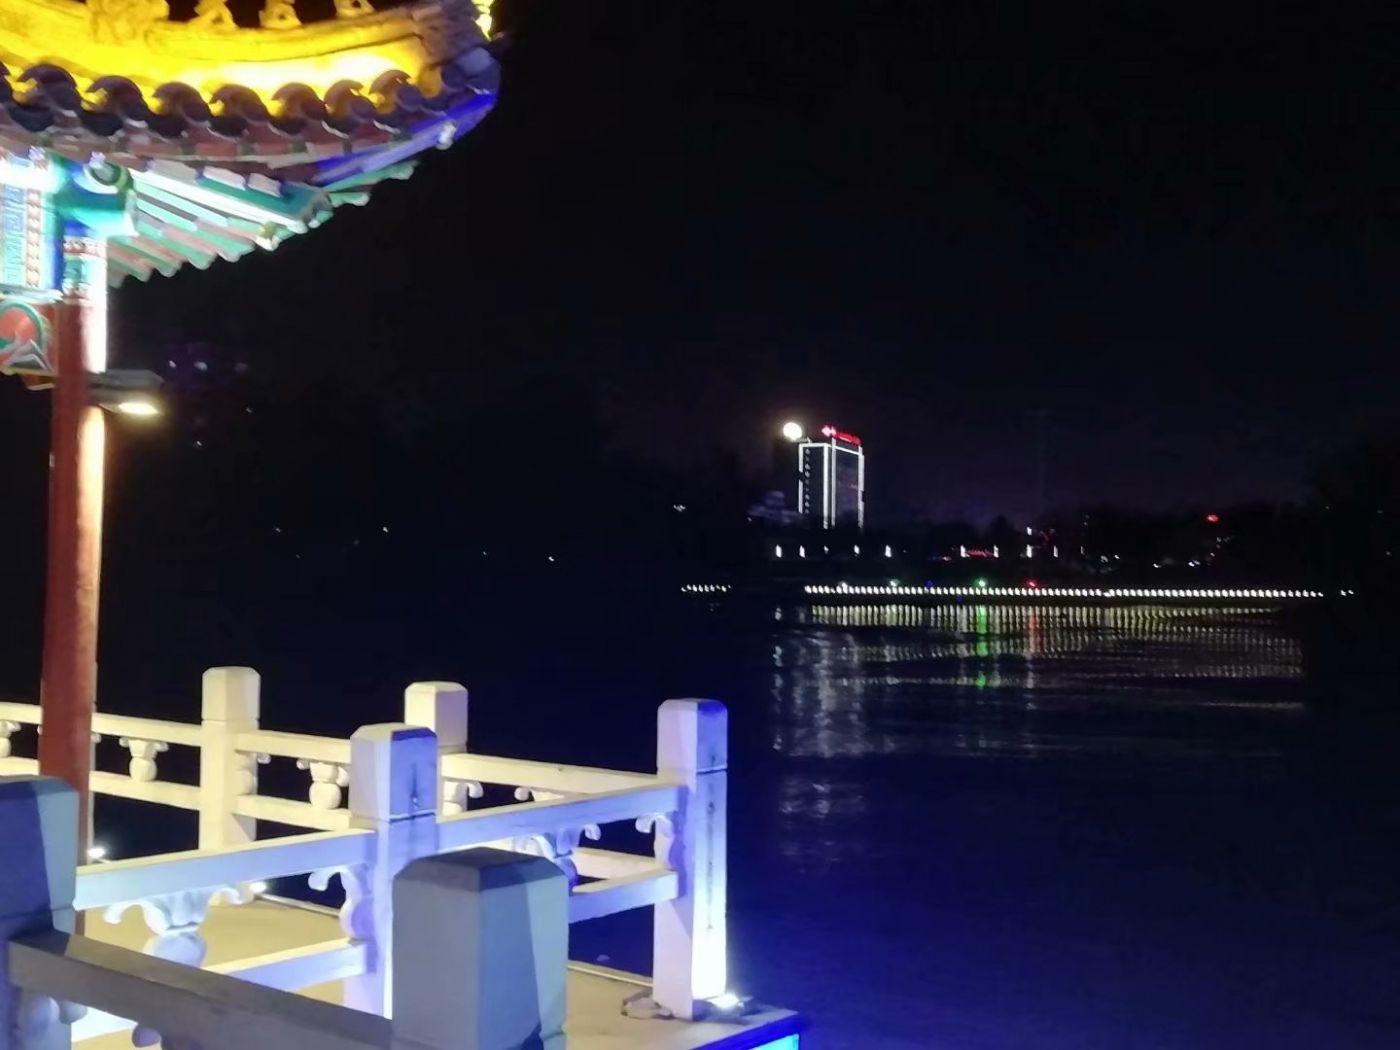 鹤城元宵之夜(图)_图1-3